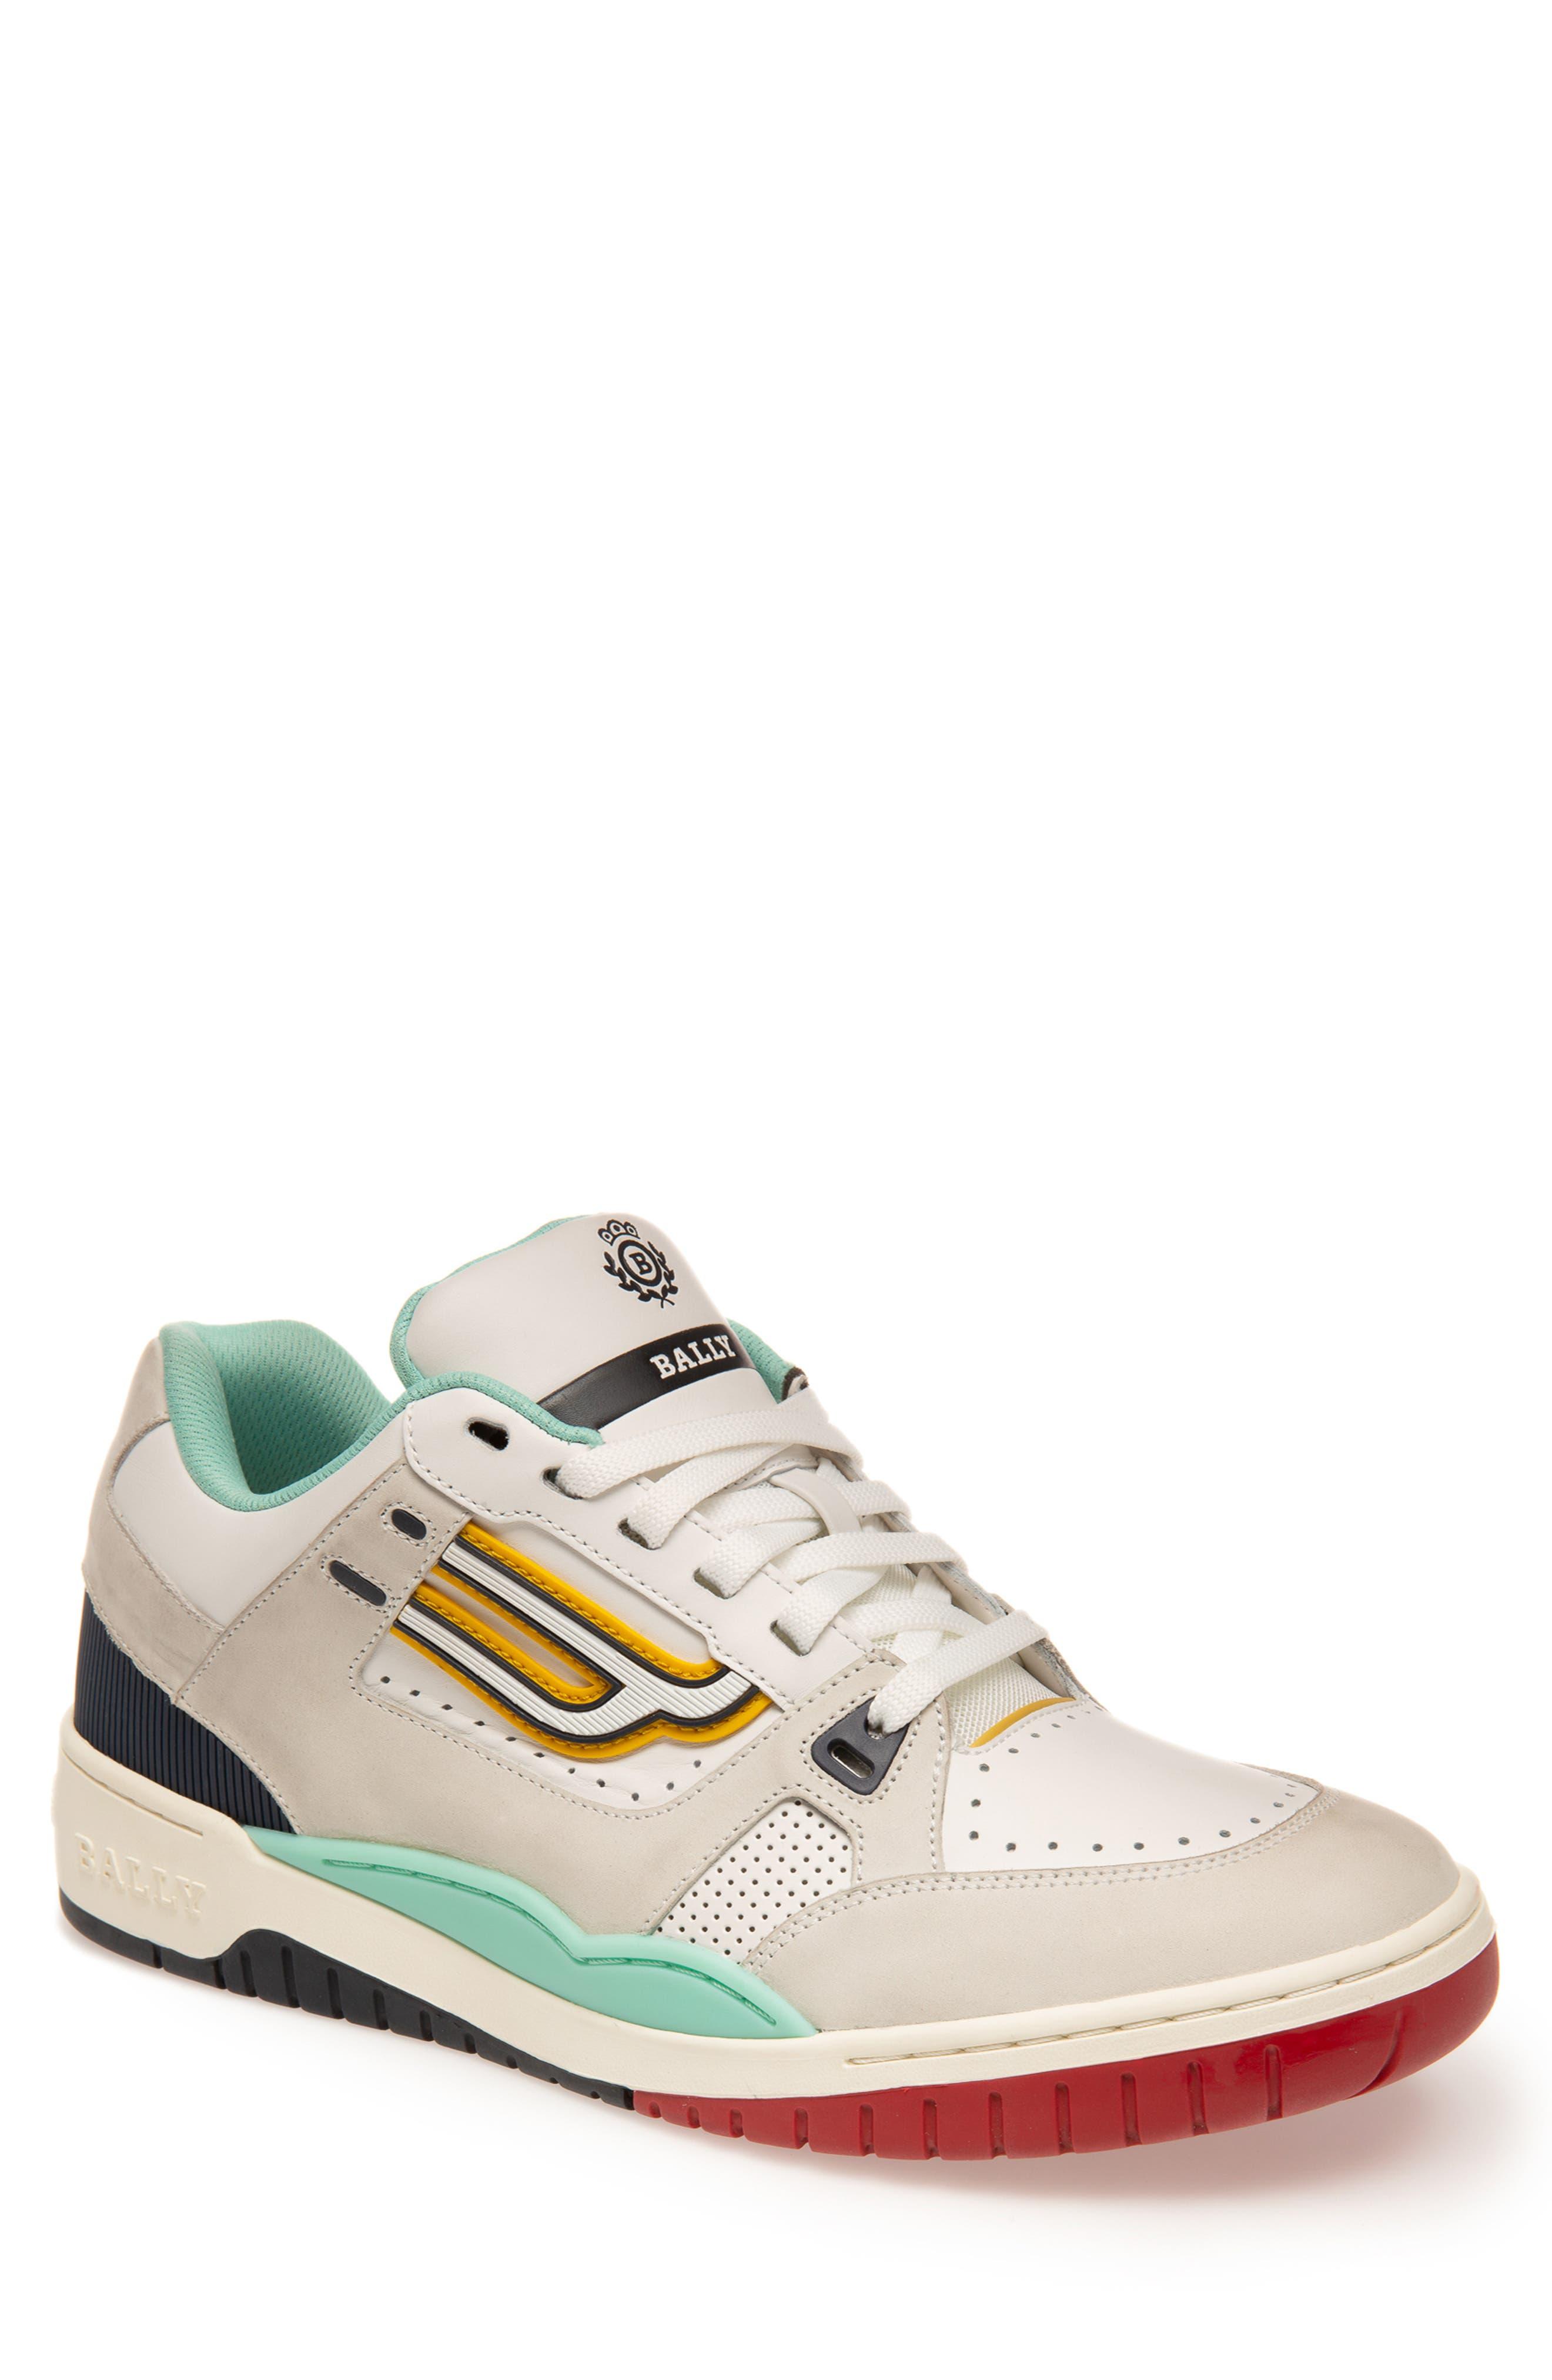 Image of BALLY Kuba Leather Low Top Sneaker